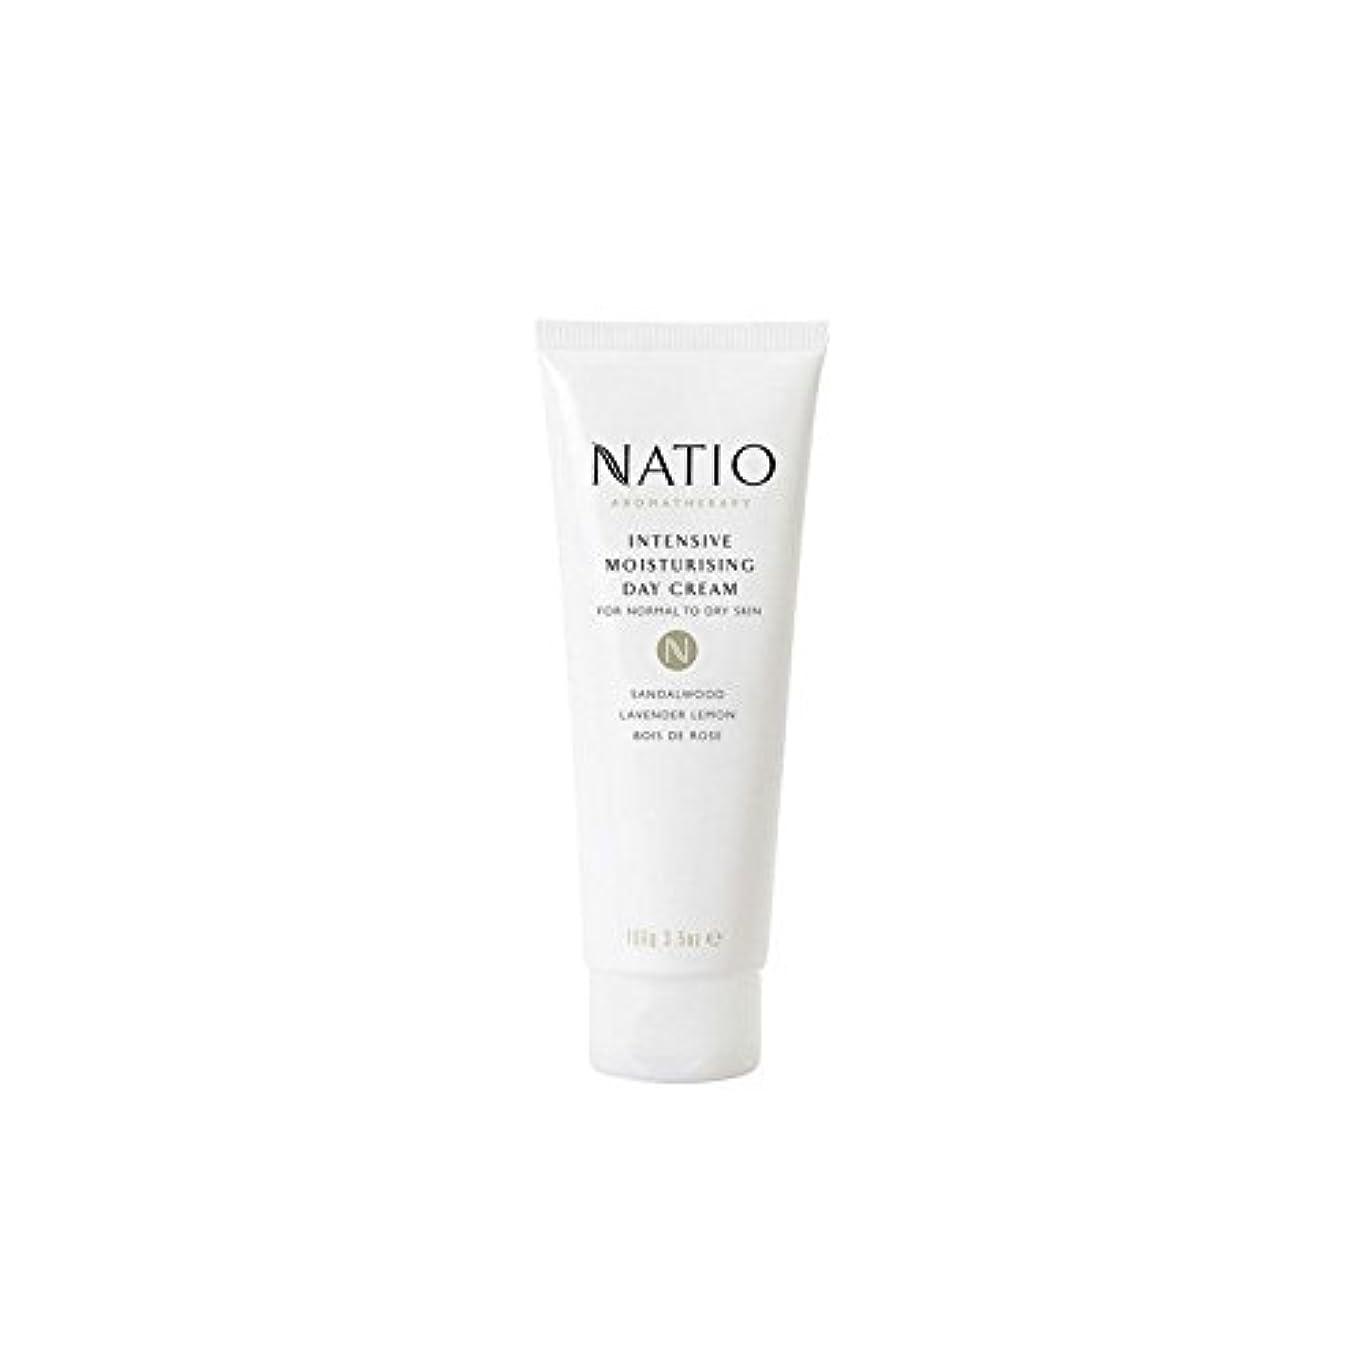 傷跡ライナー留め金Natio Intensive Moisturising Day Cream (100G) - 集中的な保湿デイクリーム(100グラム) [並行輸入品]